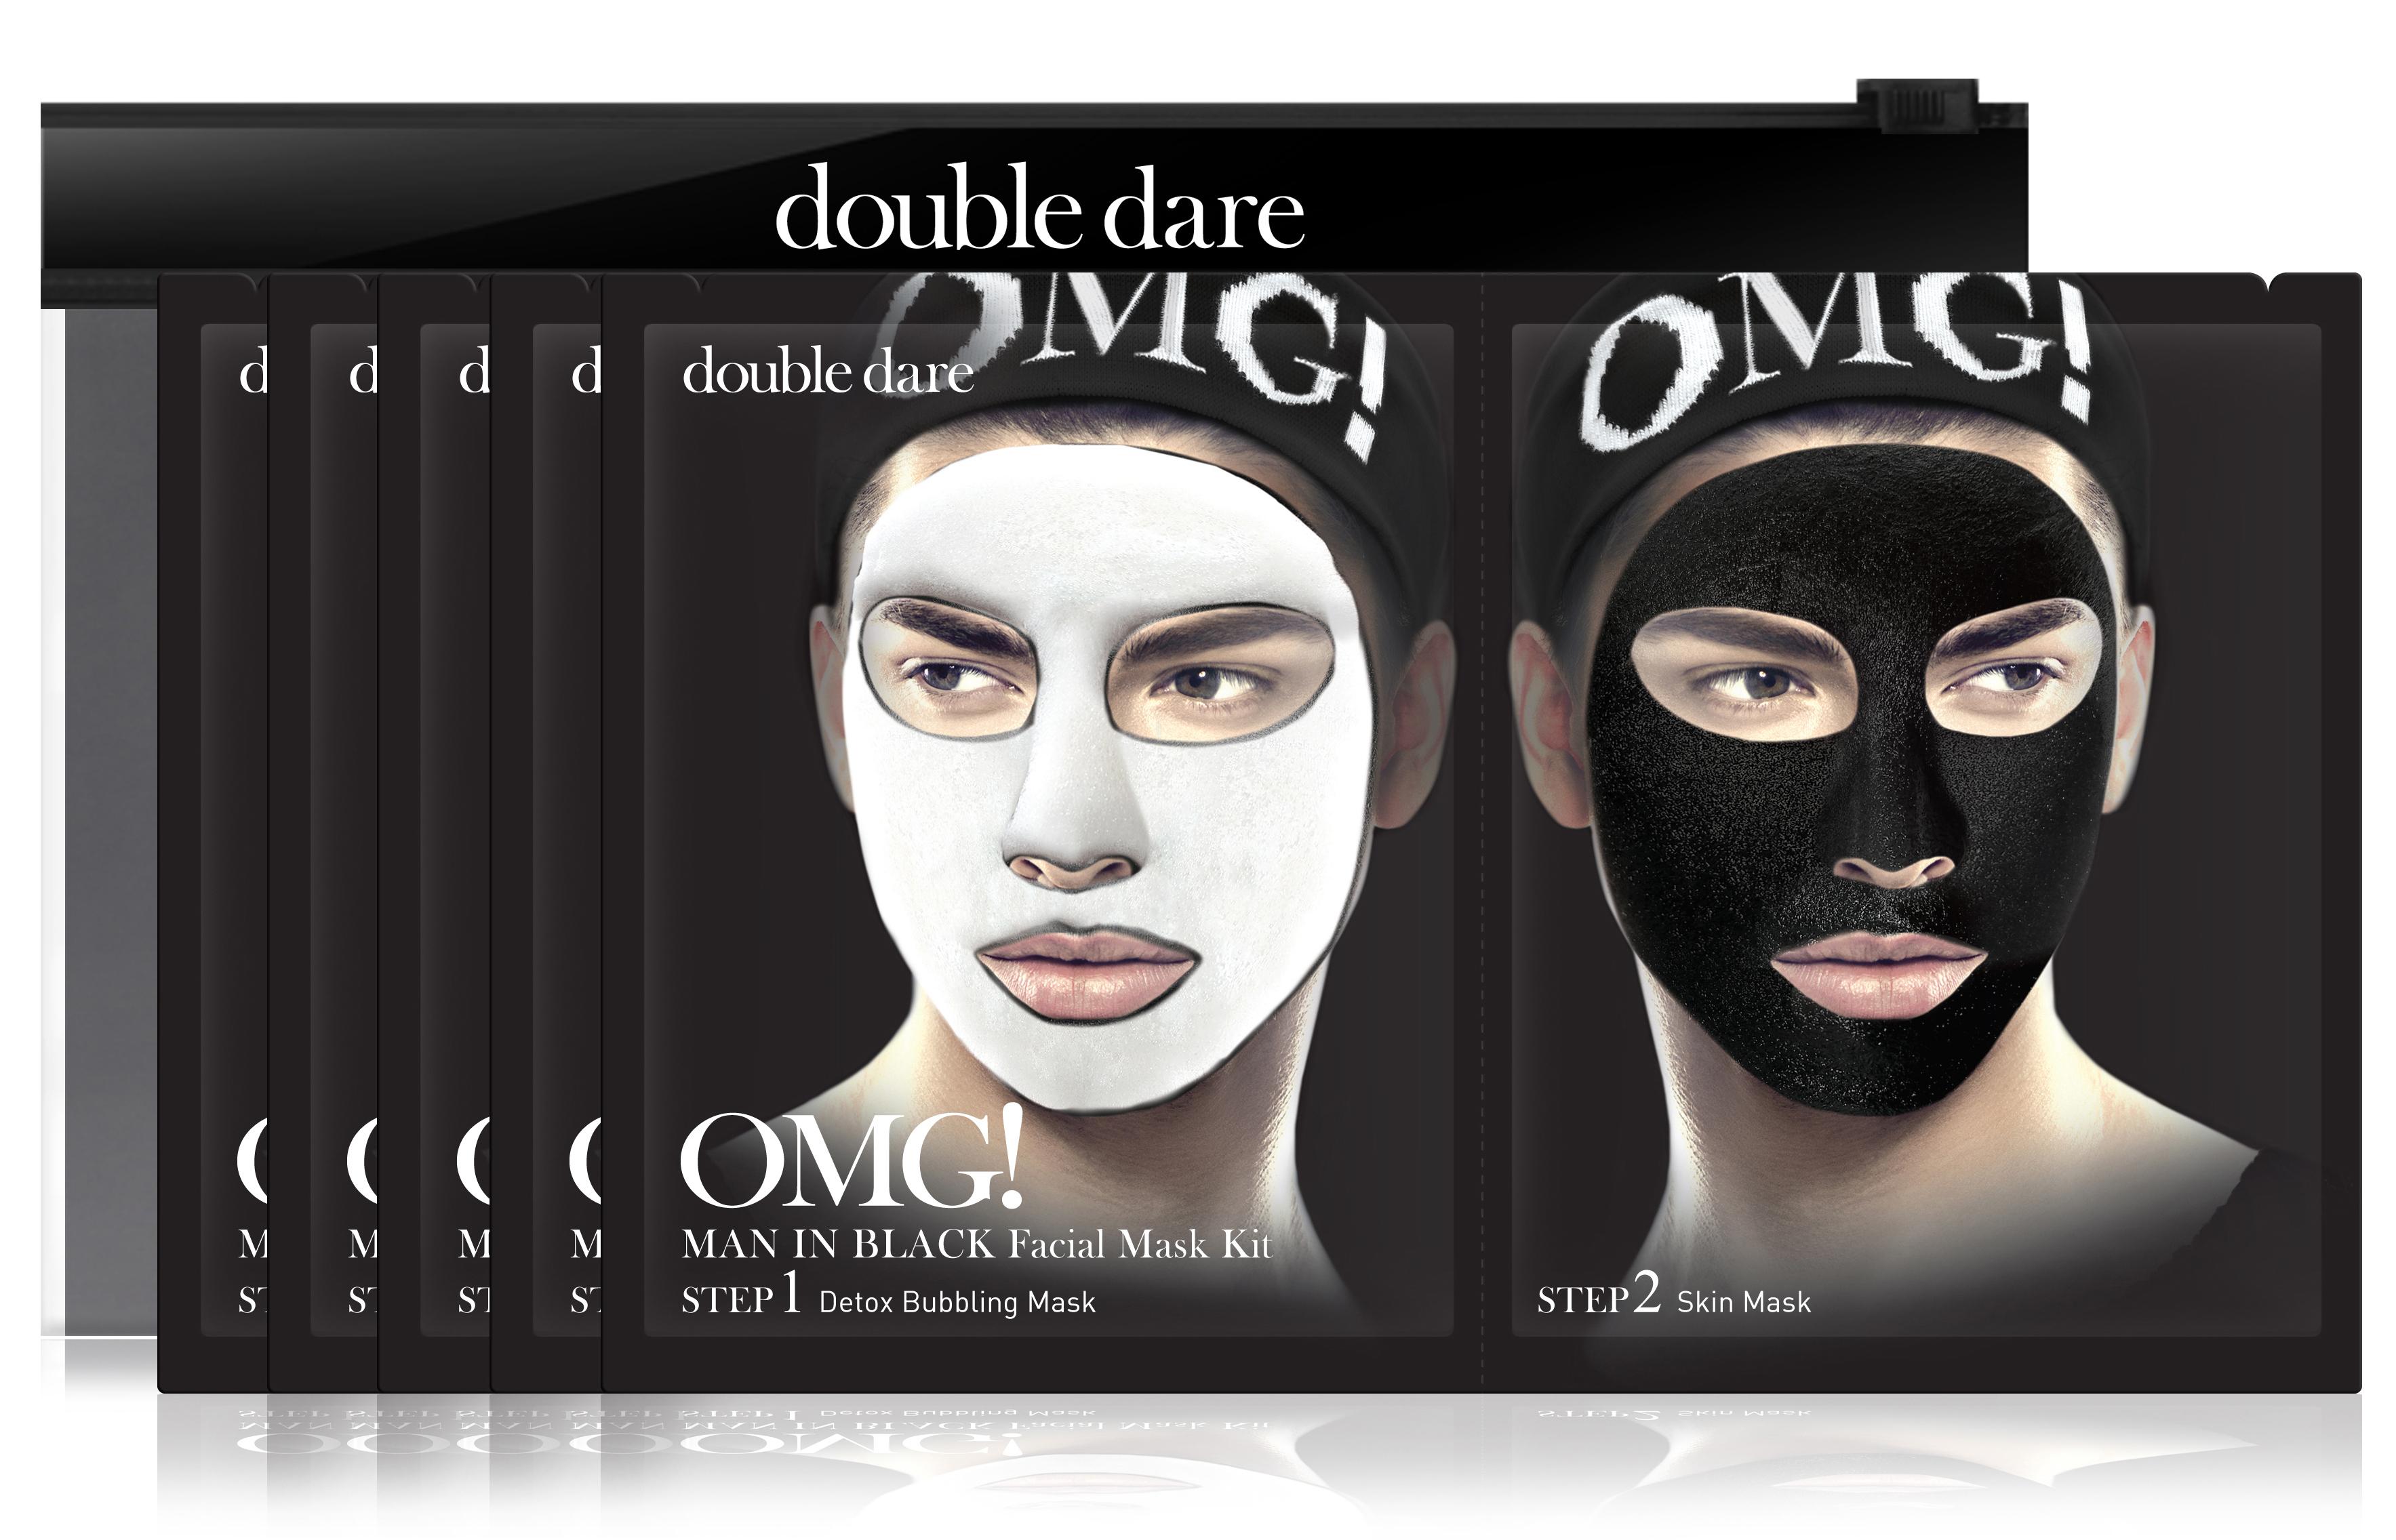 Купить DOUBLE DARE OMG! Комплекс мужских масок двухкомпонентный Детокс / Man in Black 5 шт